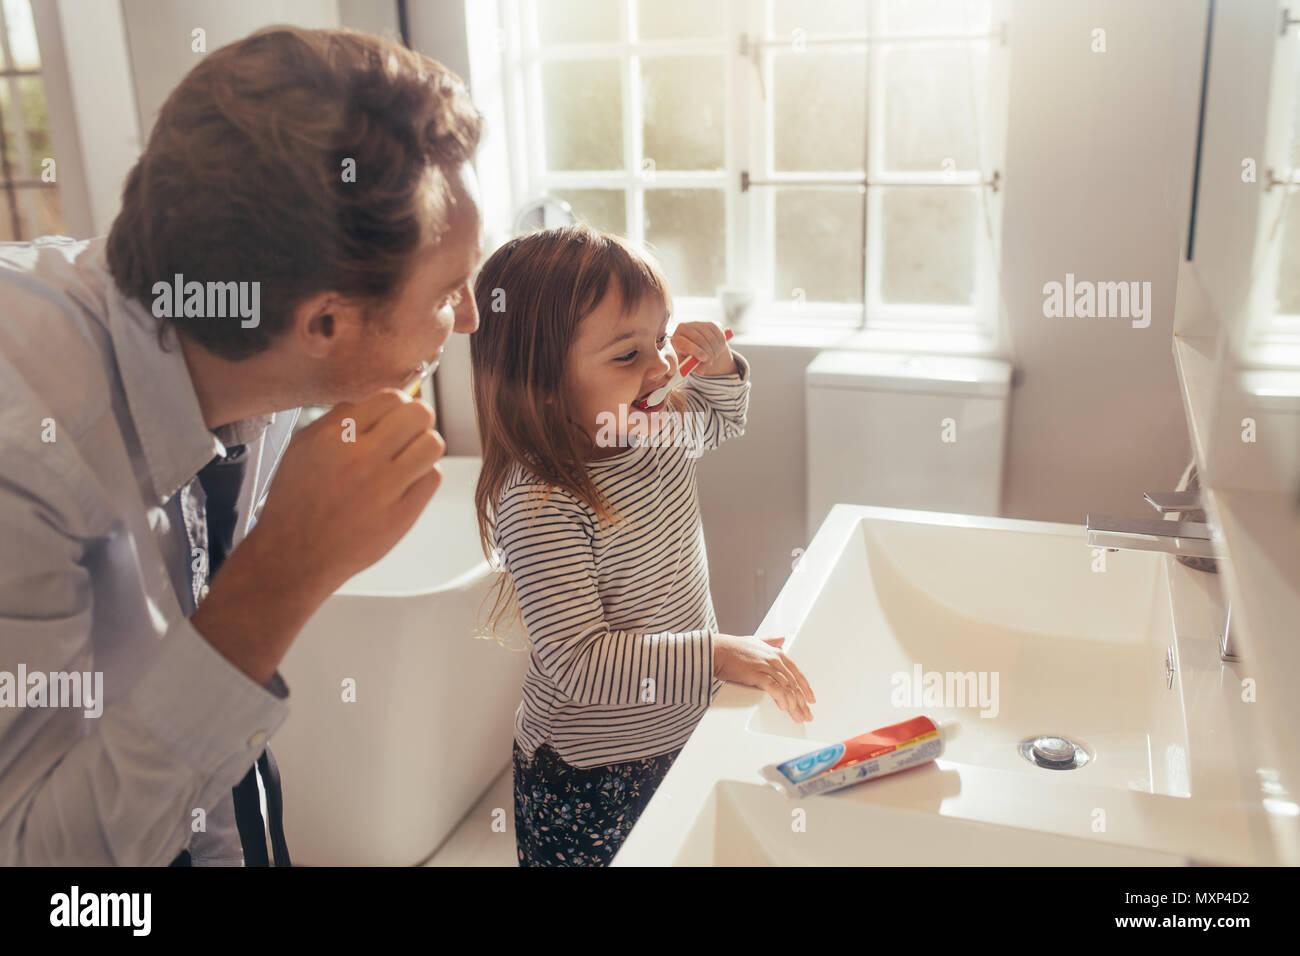 Padre e figlia spazzolare i denti in piedi in bagno. L'uomo ad insegnare la sua figlia come spazzolare i denti. Immagini Stock